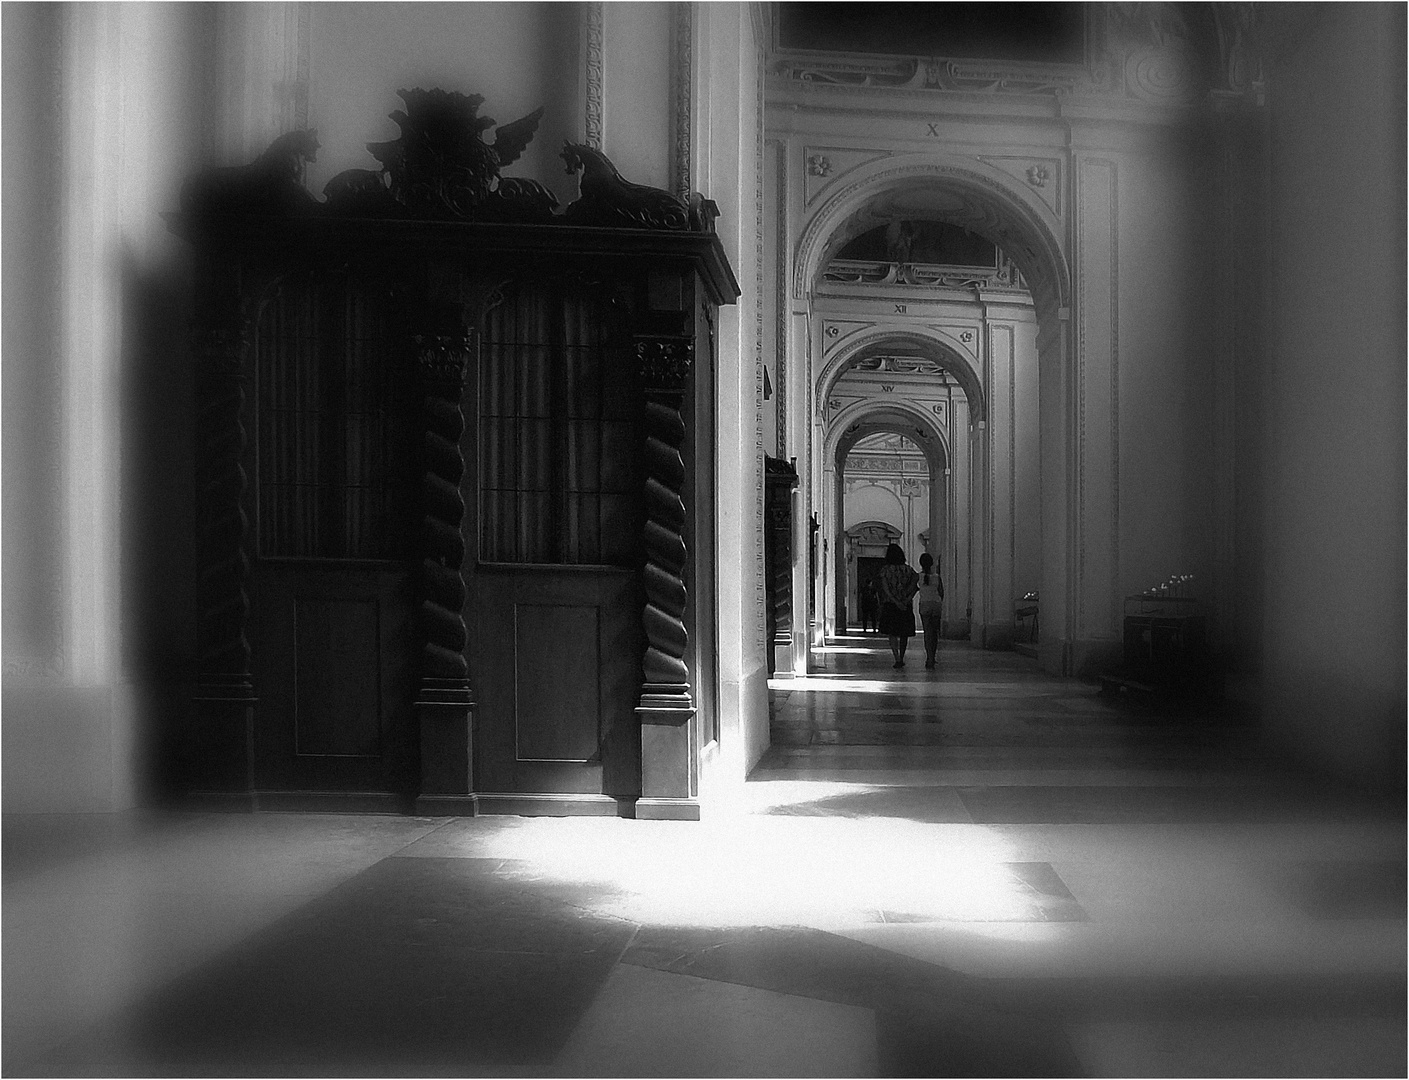 Flüchtige Erinnerung im Dom zu Salzburg